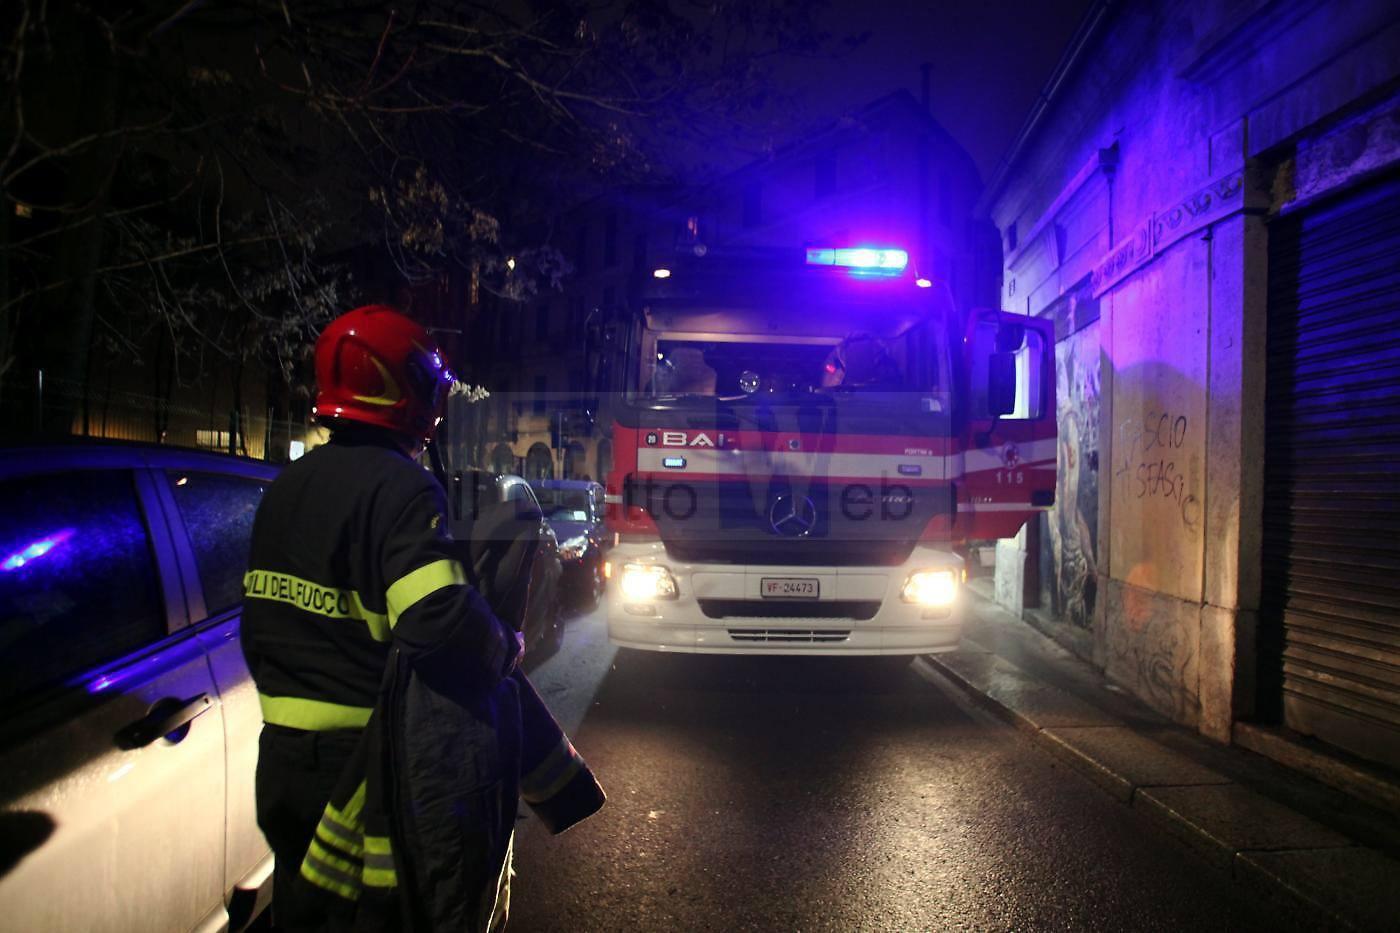 Esplosione in via Garibaldi: la Procura della Repubblica di Catania proscioglie il Capo Squadra dei Vigili del Fuoco